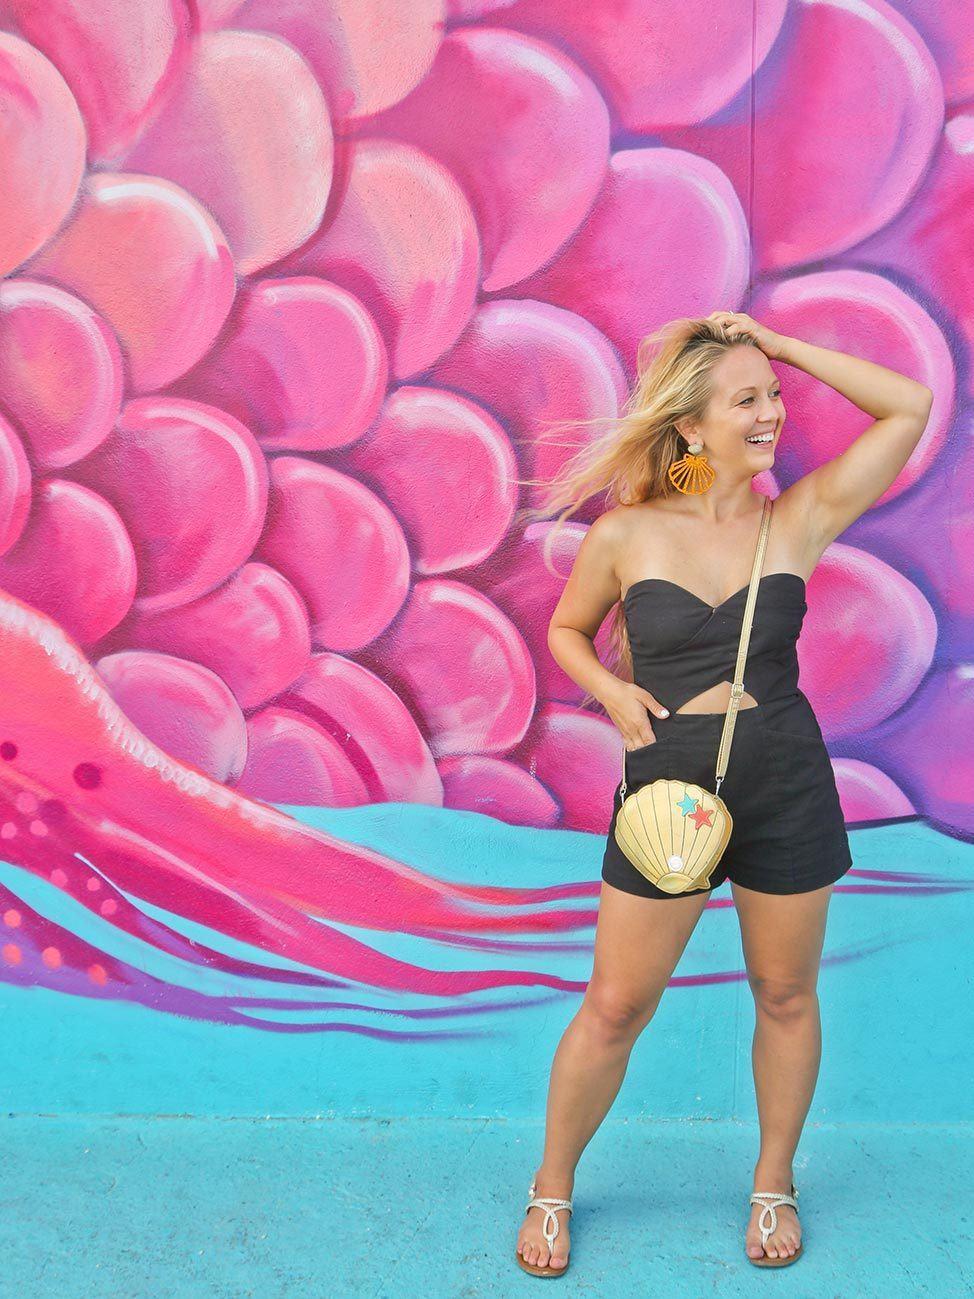 The Coney Island Mermaid Parade 2018